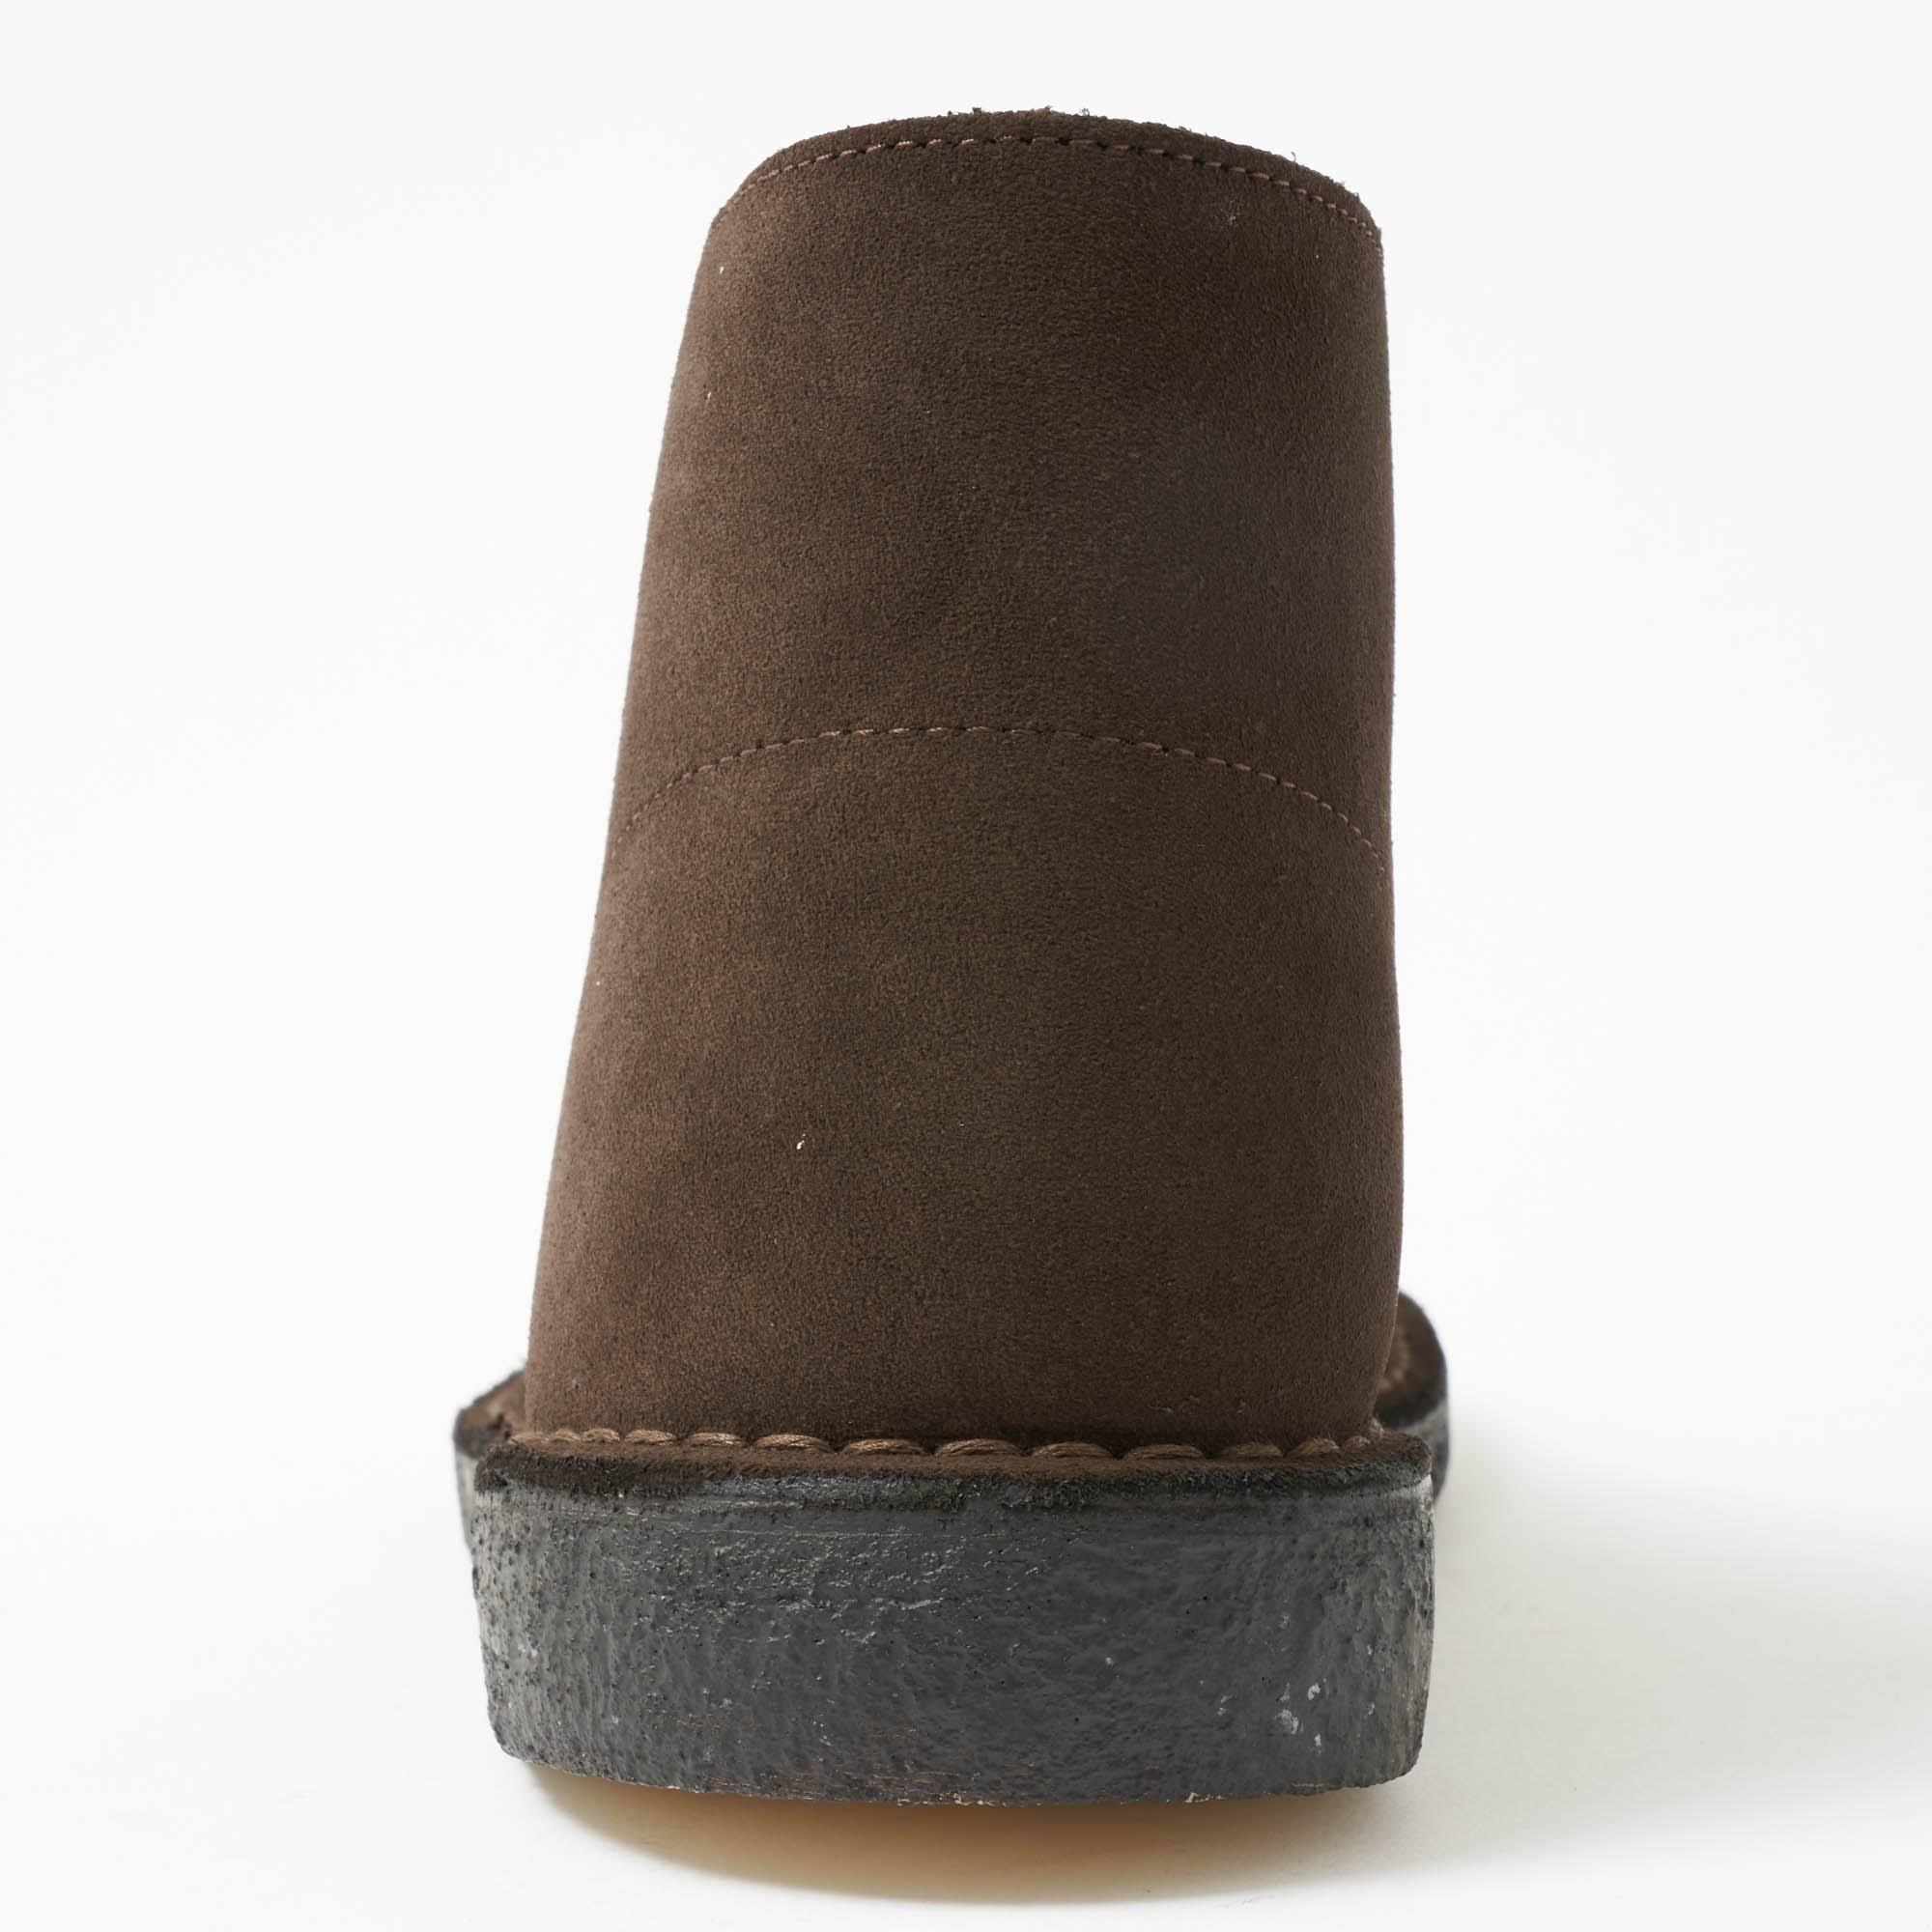 Clarks KleurBruinMaat Desert Originals Boot 00111726 Suede Brown PX08kwNnO